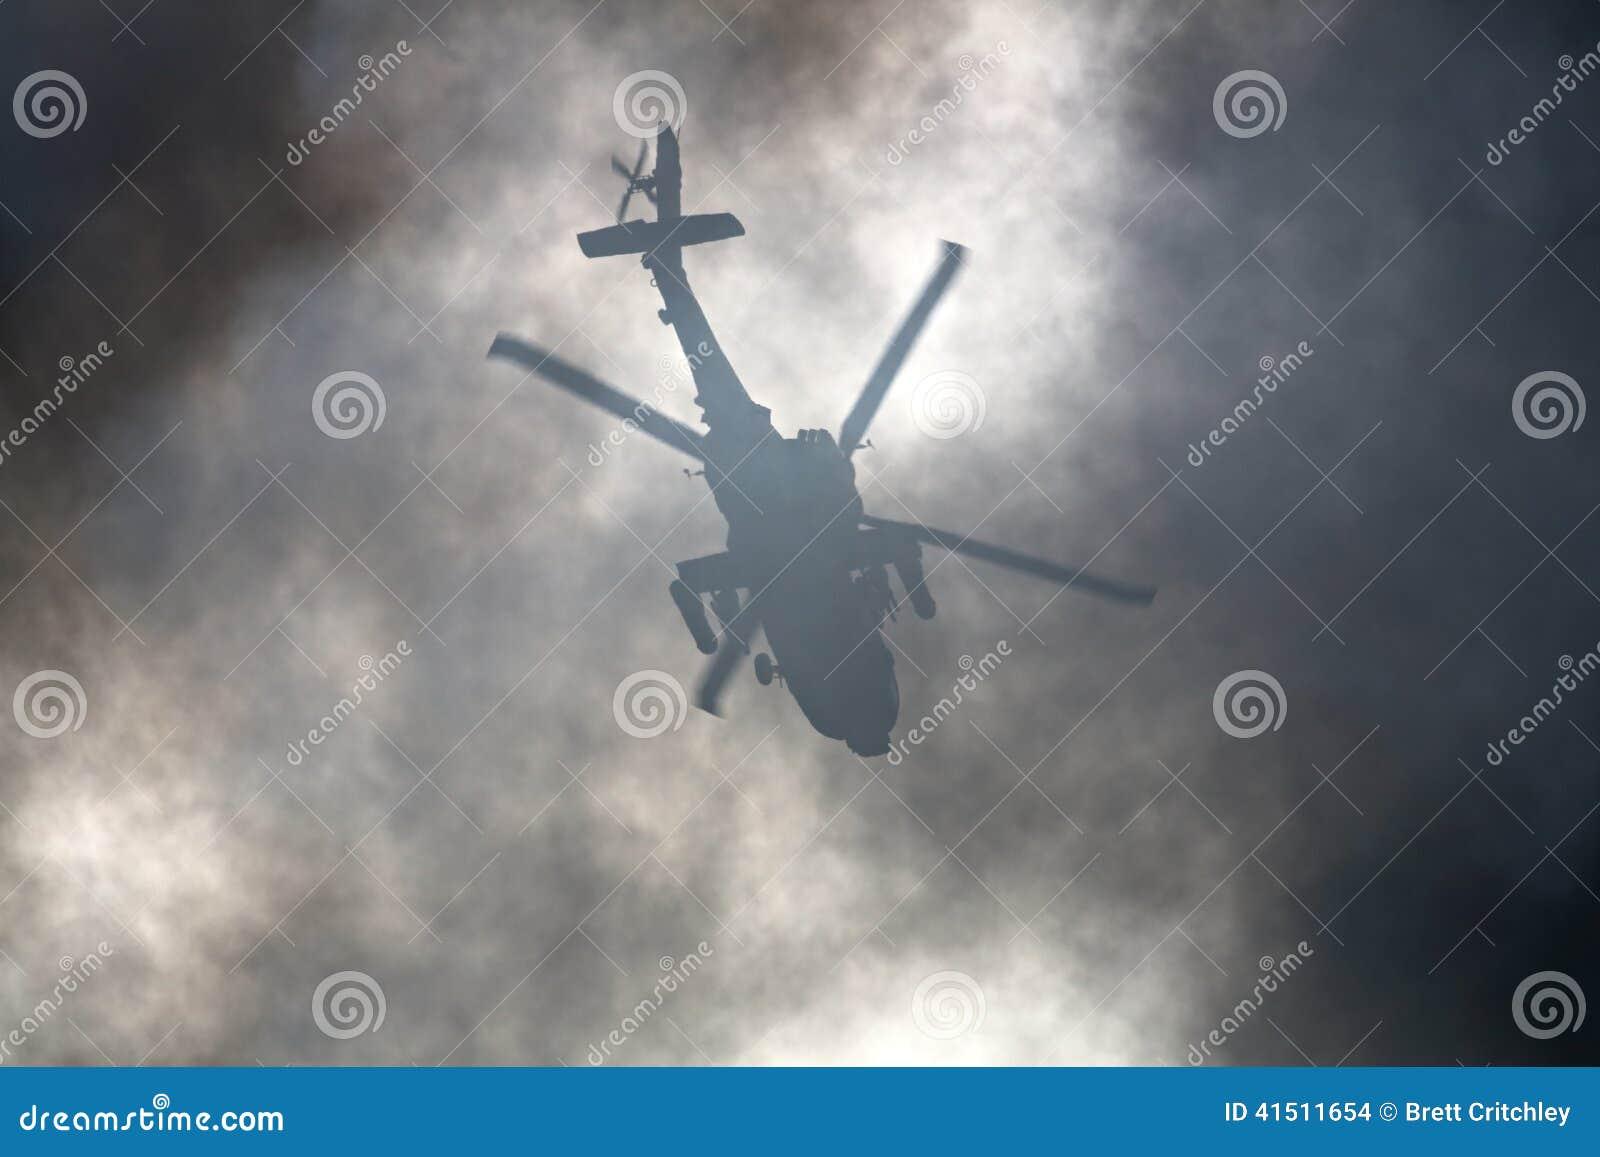 Helicóptero de Warzone